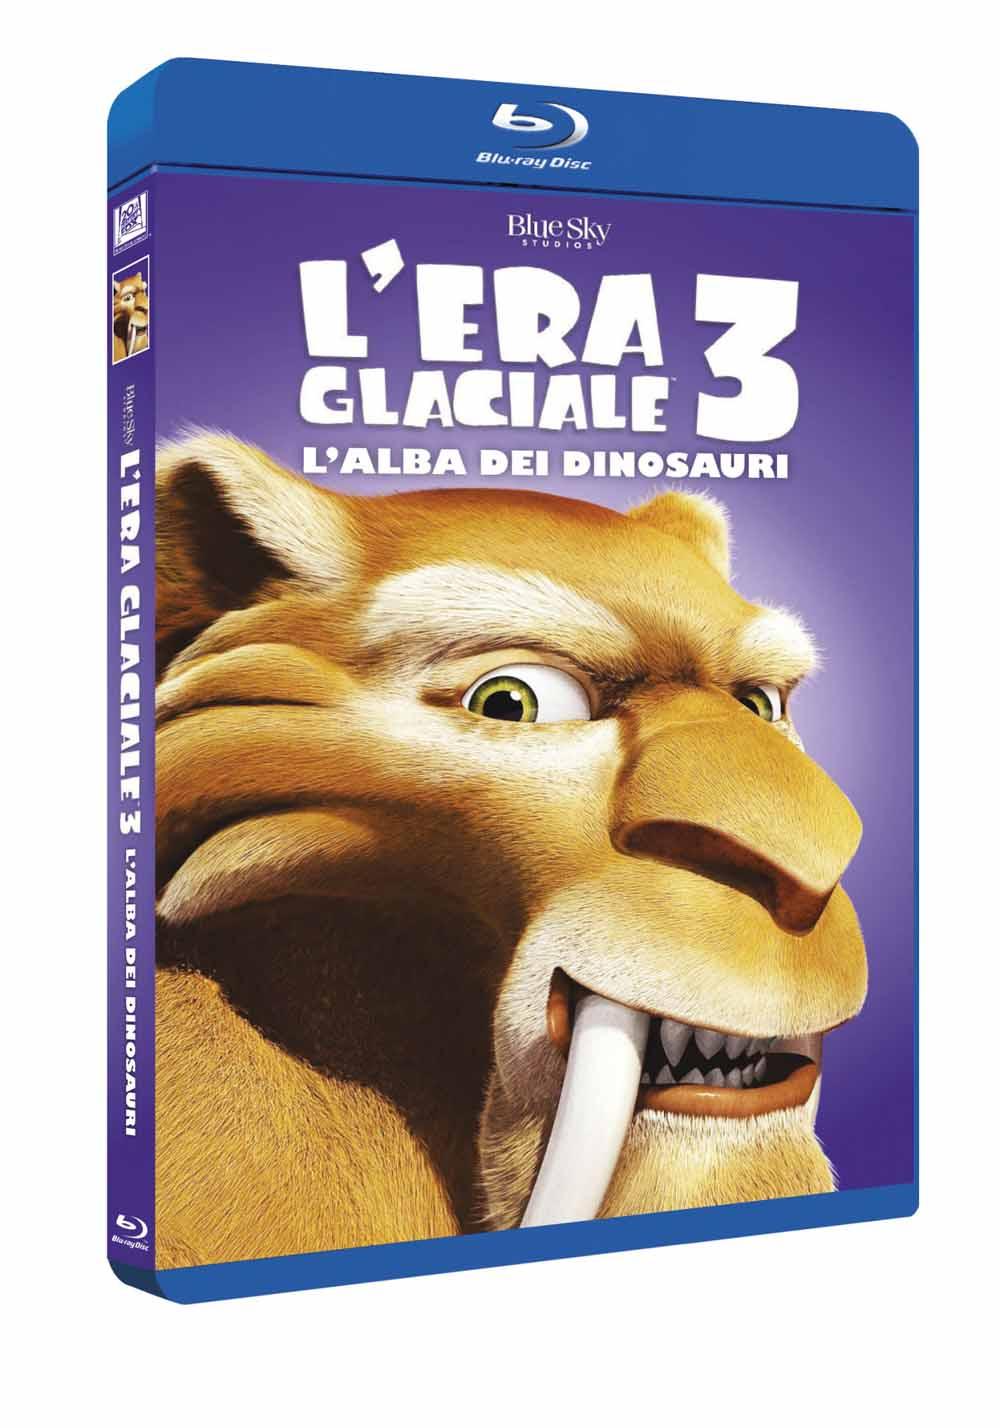 L'ERA GLACIALE 3 - L'ALBA DEI DINOSAURI (BLU-RAY)